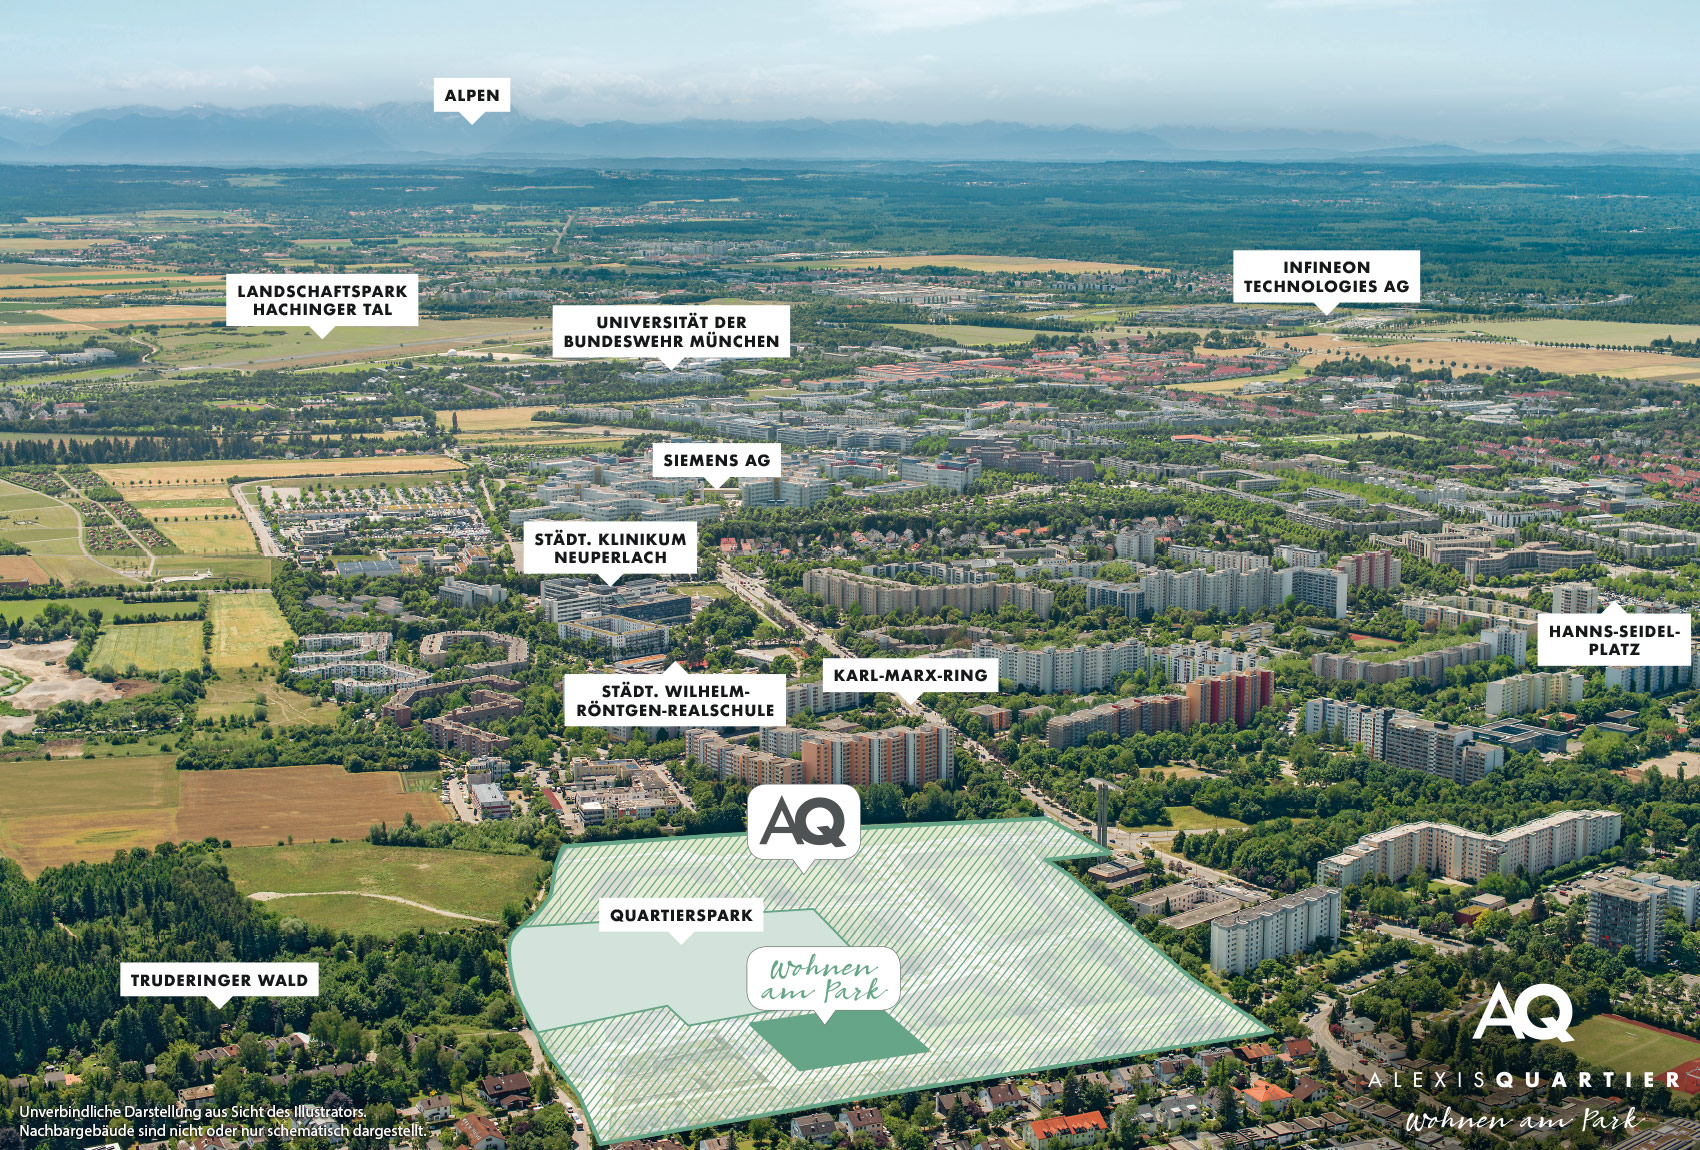 Immobilie Alexisquartier - Wohnen am Park - Gewerbeeinheiten - Luftbild